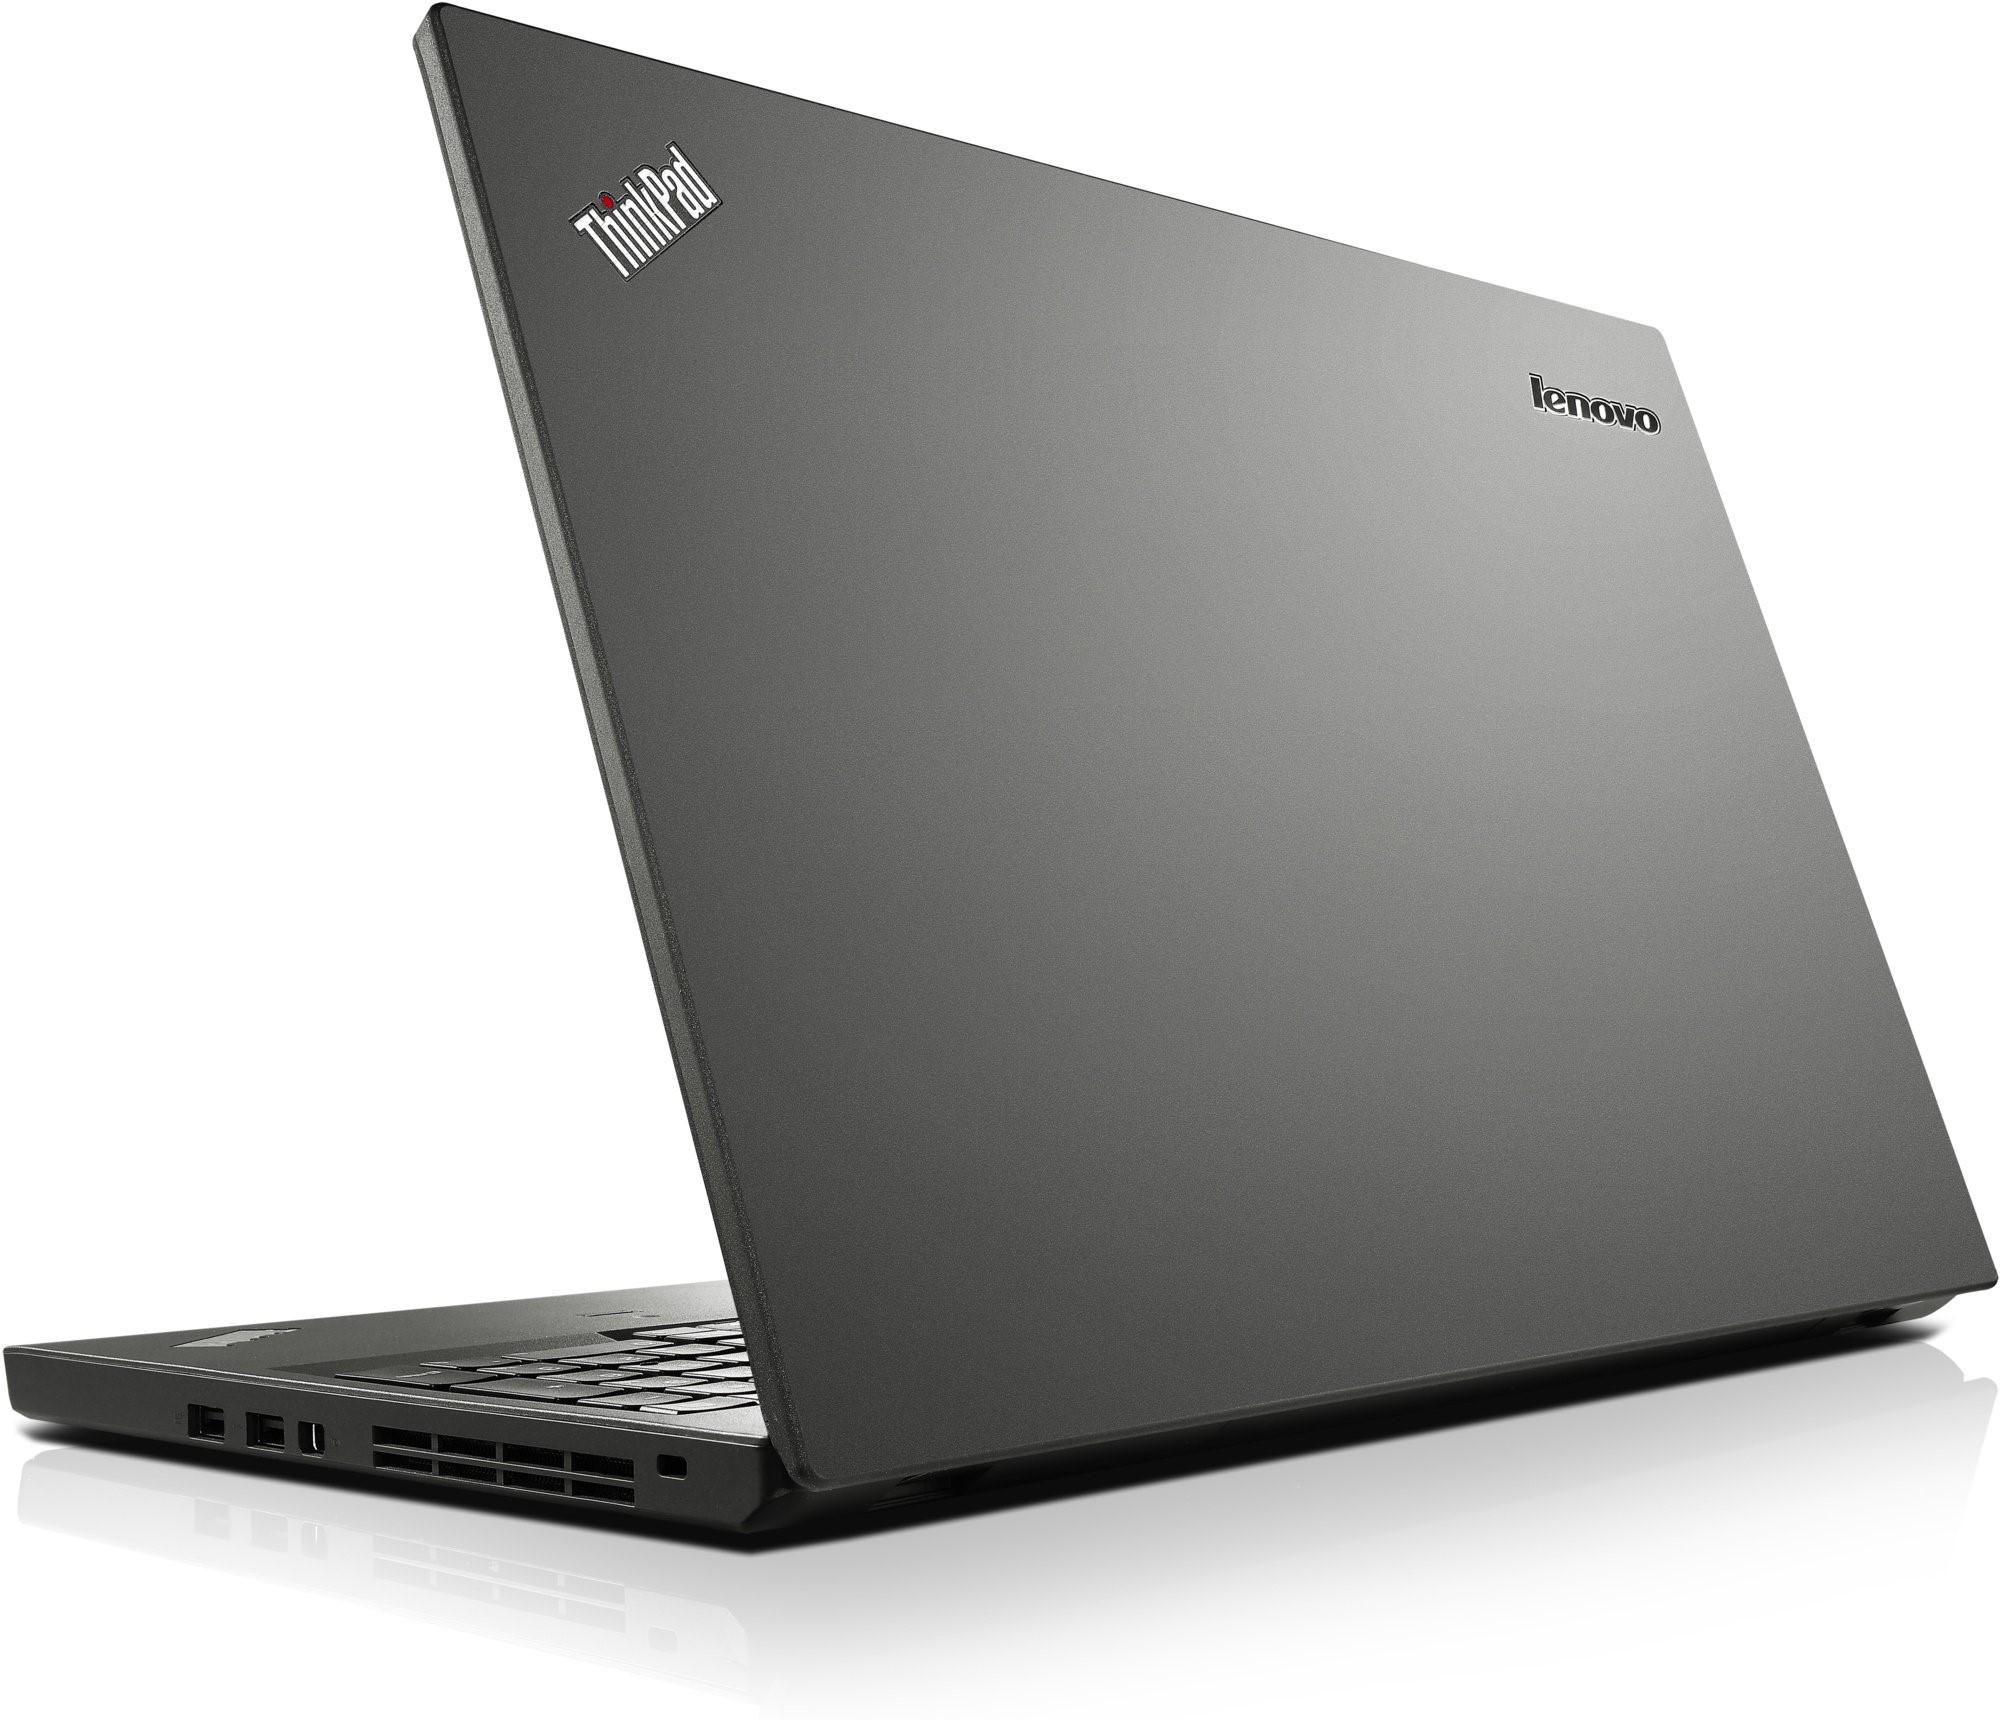 Lenovo ThinkPad T550